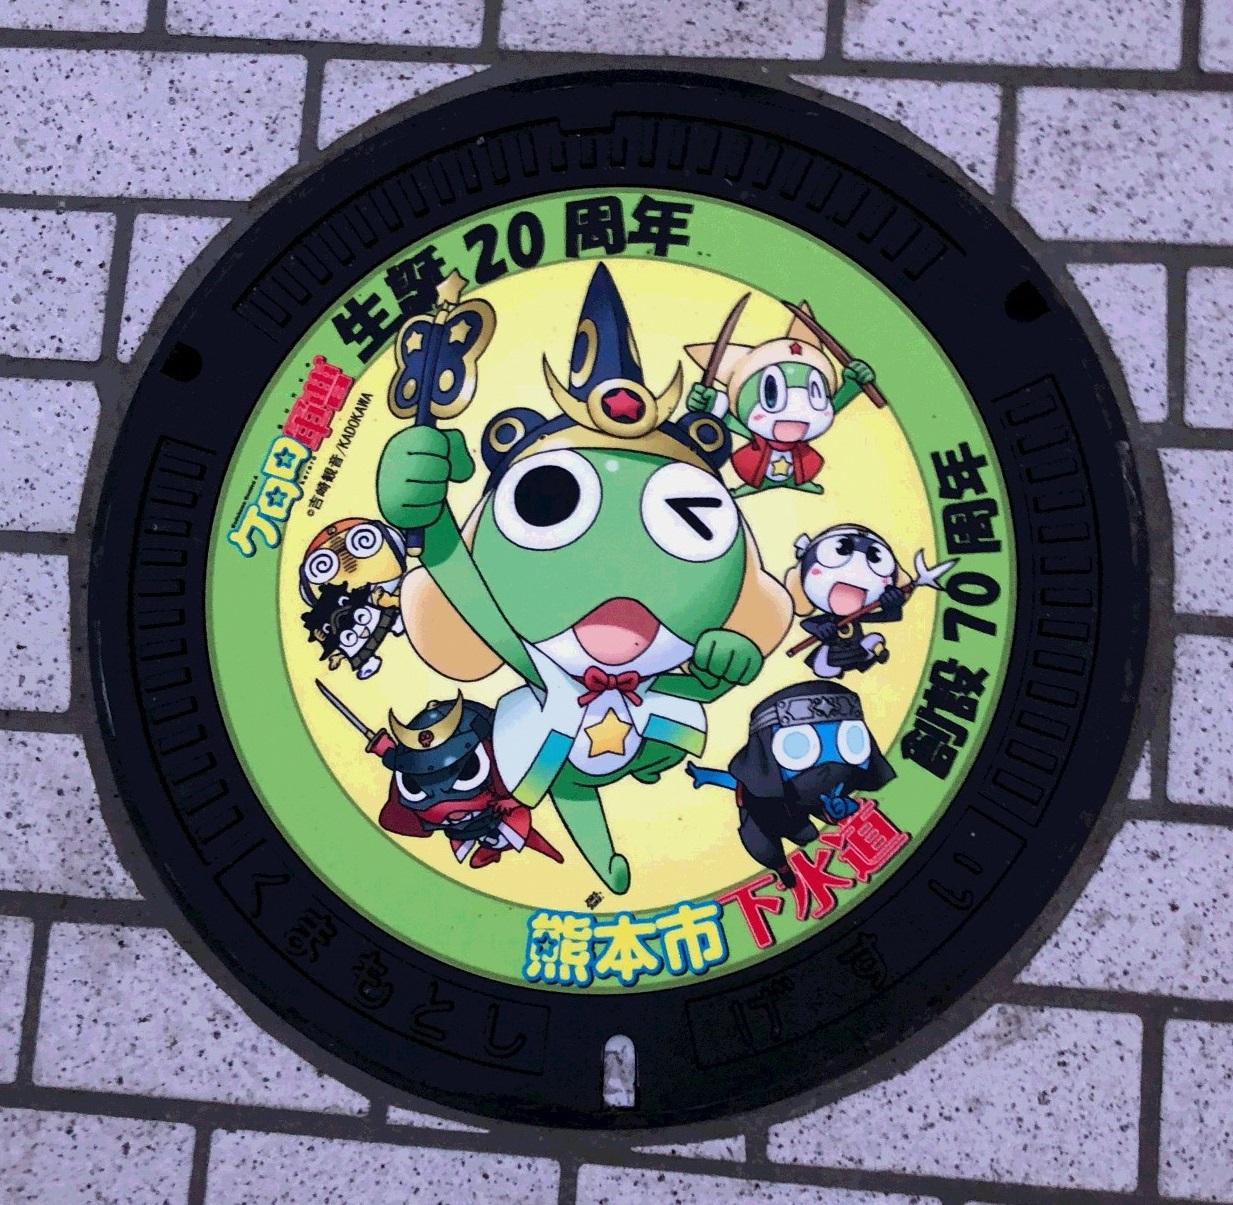 「ケロロ軍曹」が武将・加藤清正に!? 熊本県熊本市にキュートなデザインマンホールが出現